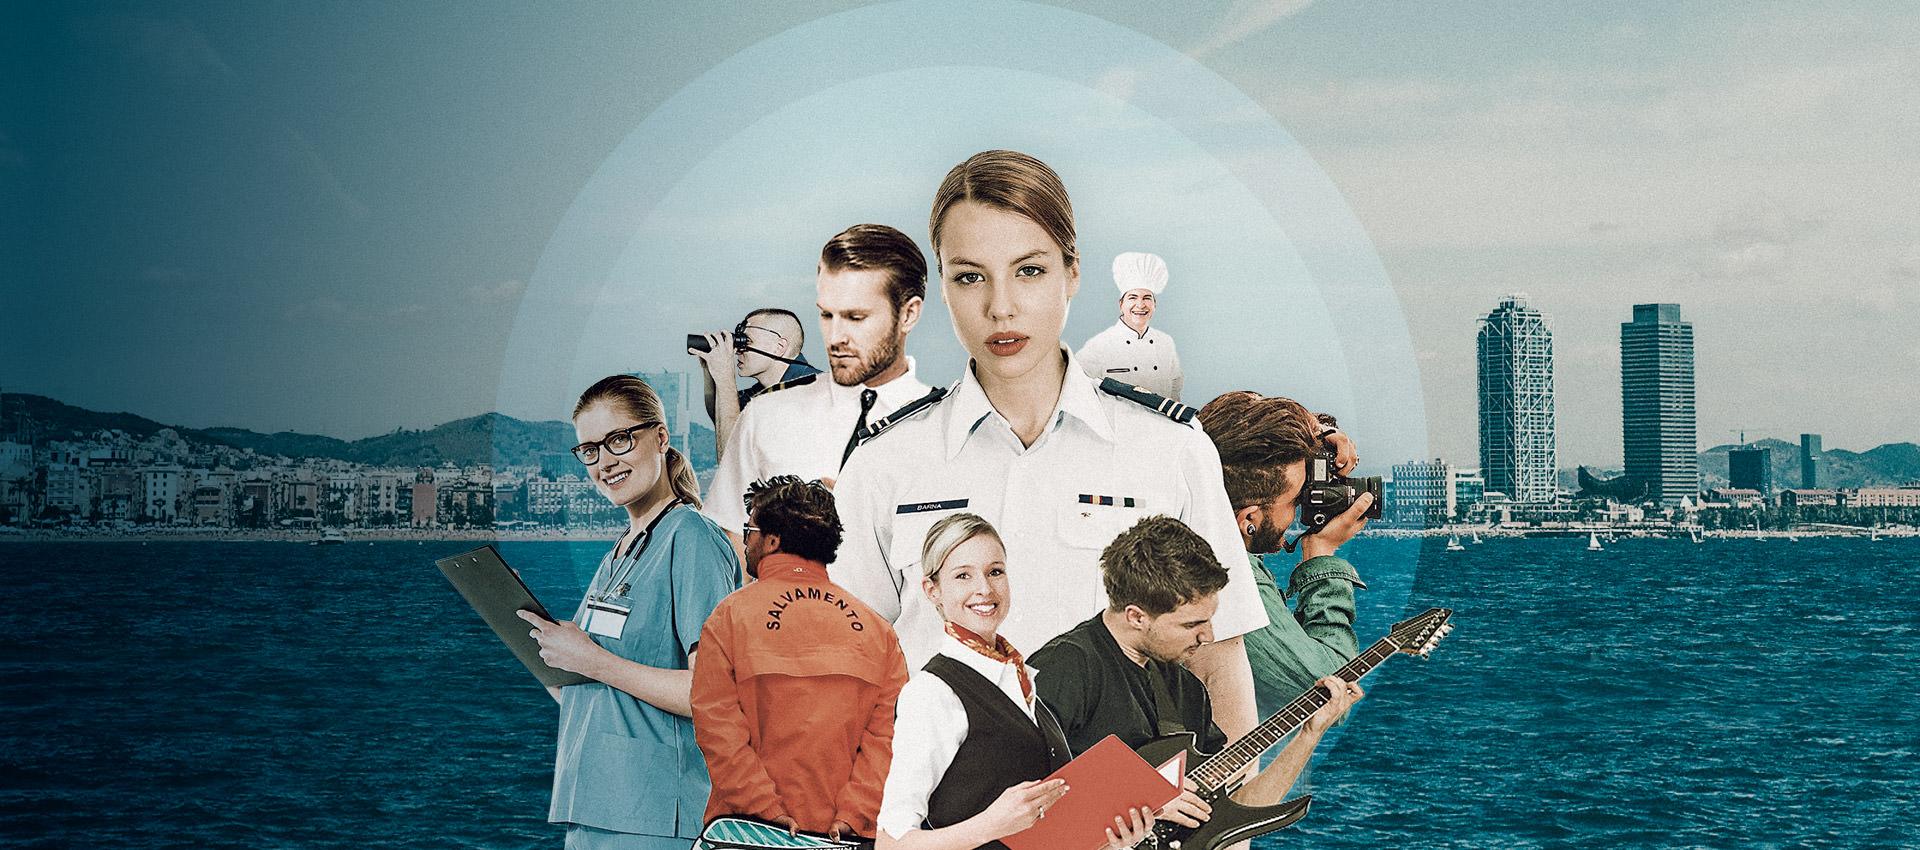 ¡Haz del mar tu profesión! Descubre el sector náutico